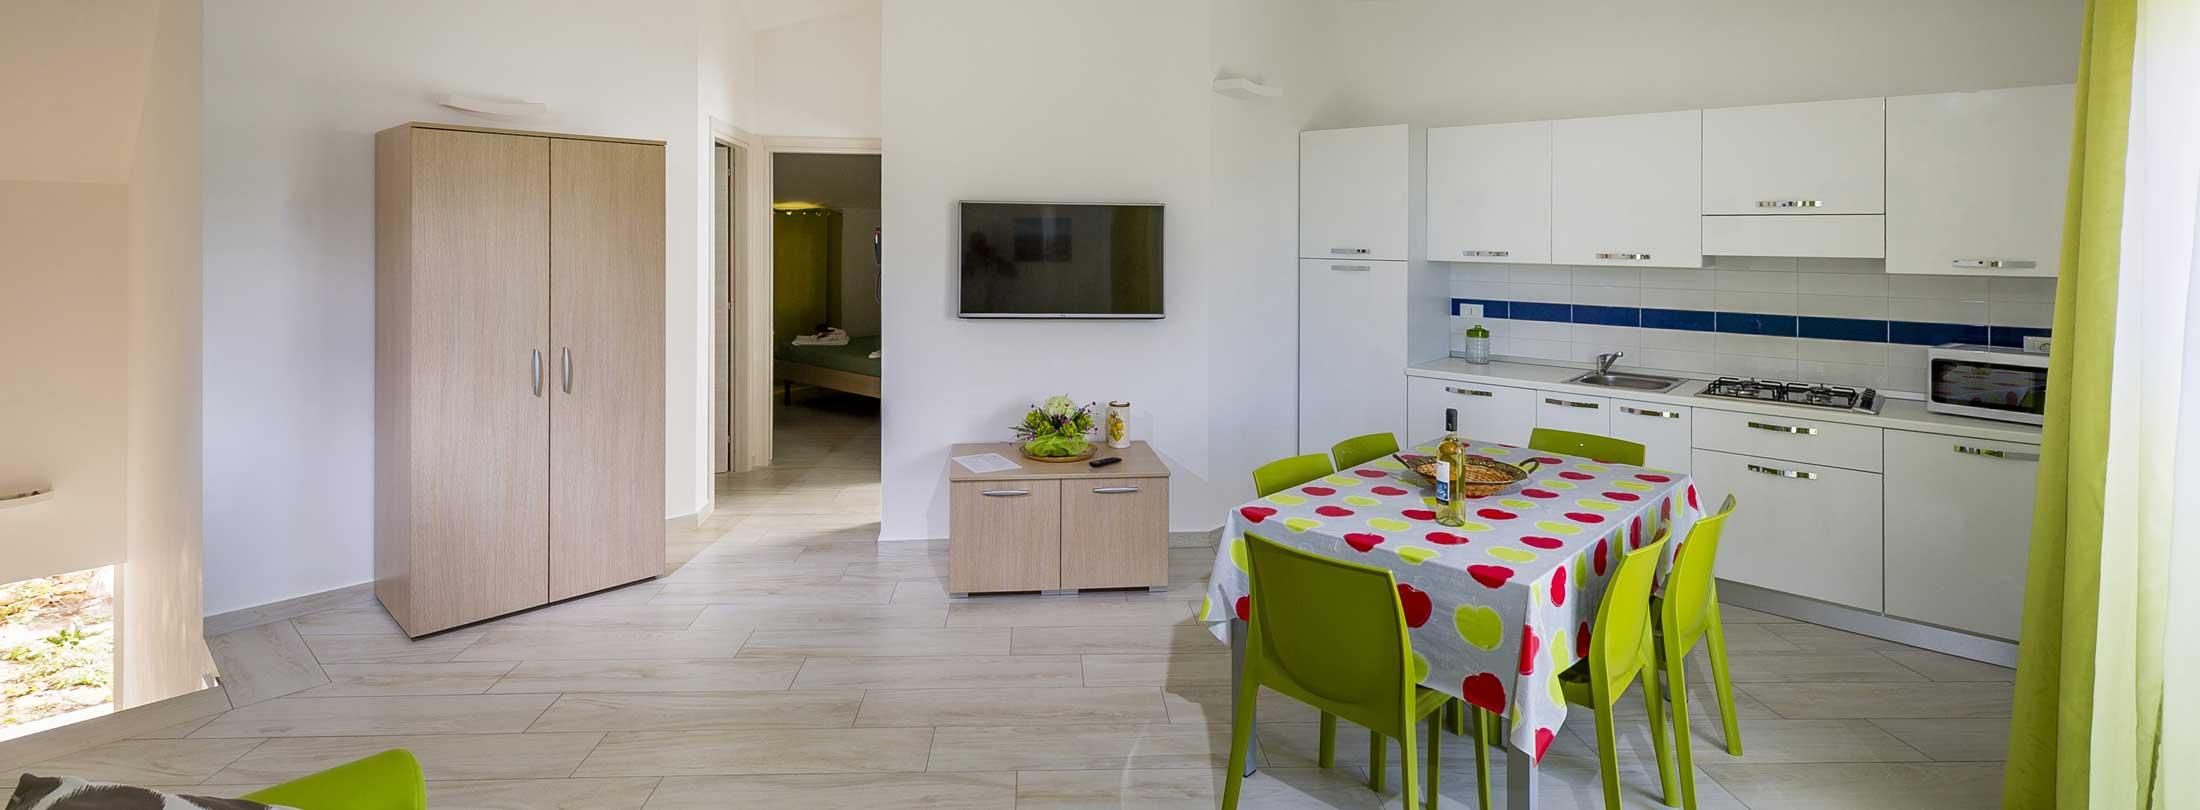 Vendita immobili esclusivi in sicilia trapani blunda for Appartamenti arredati in affitto a trapani